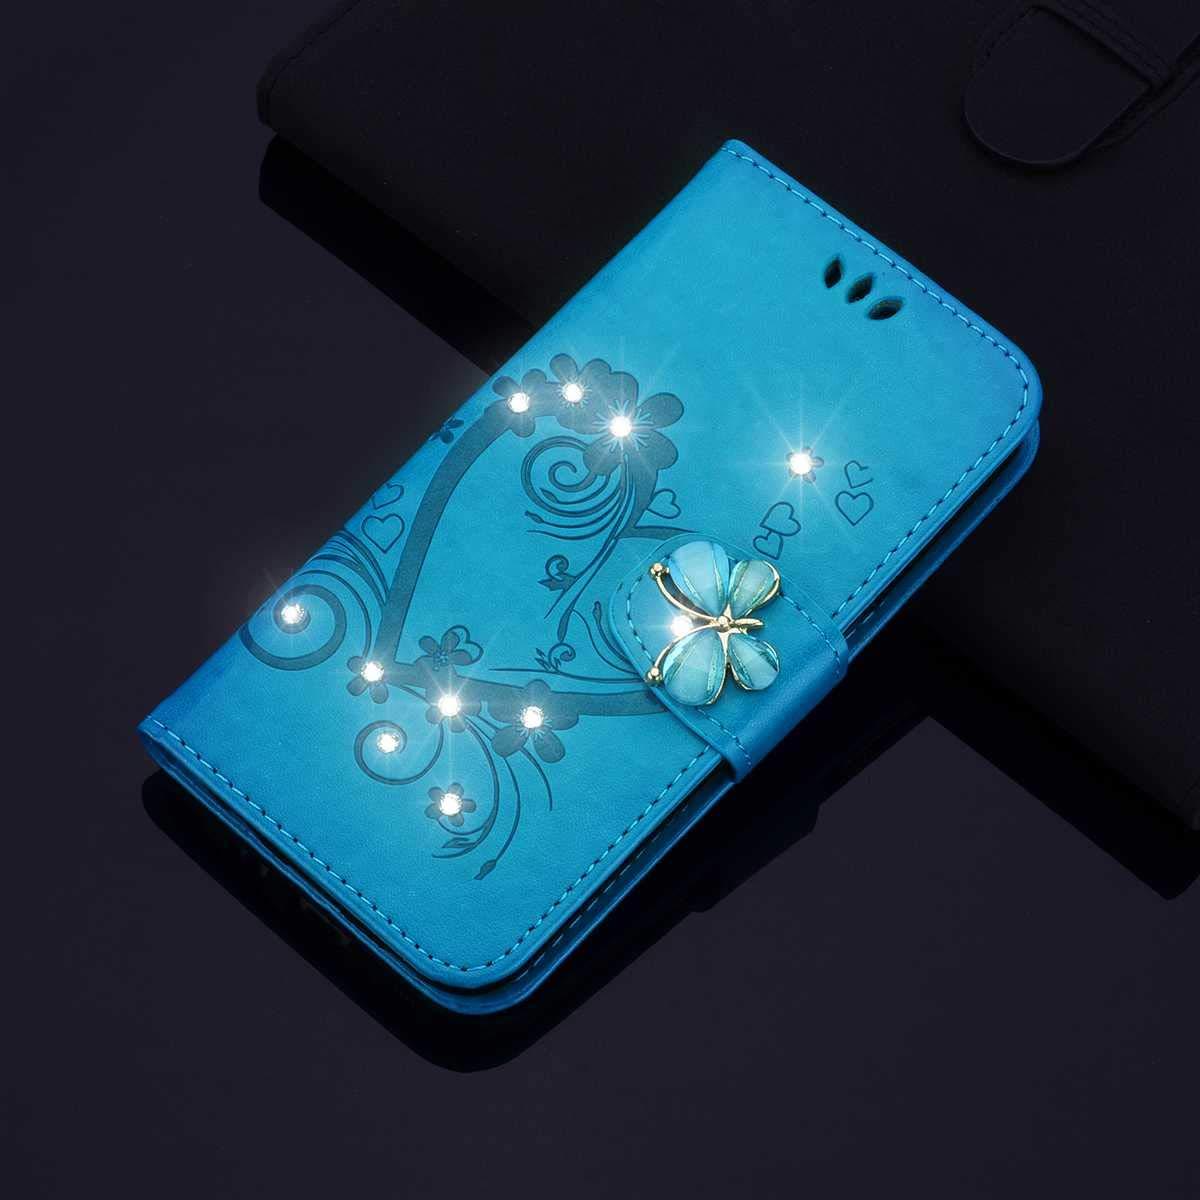 Blau Galaxy J3 2016 H/ülle SONWO Premium Glitzer Strass Flip PU Leder Handyh/ülle mit Diamant Magnetverschluss und St/änder Funktion f/ür Samsung Galaxy J3 2016